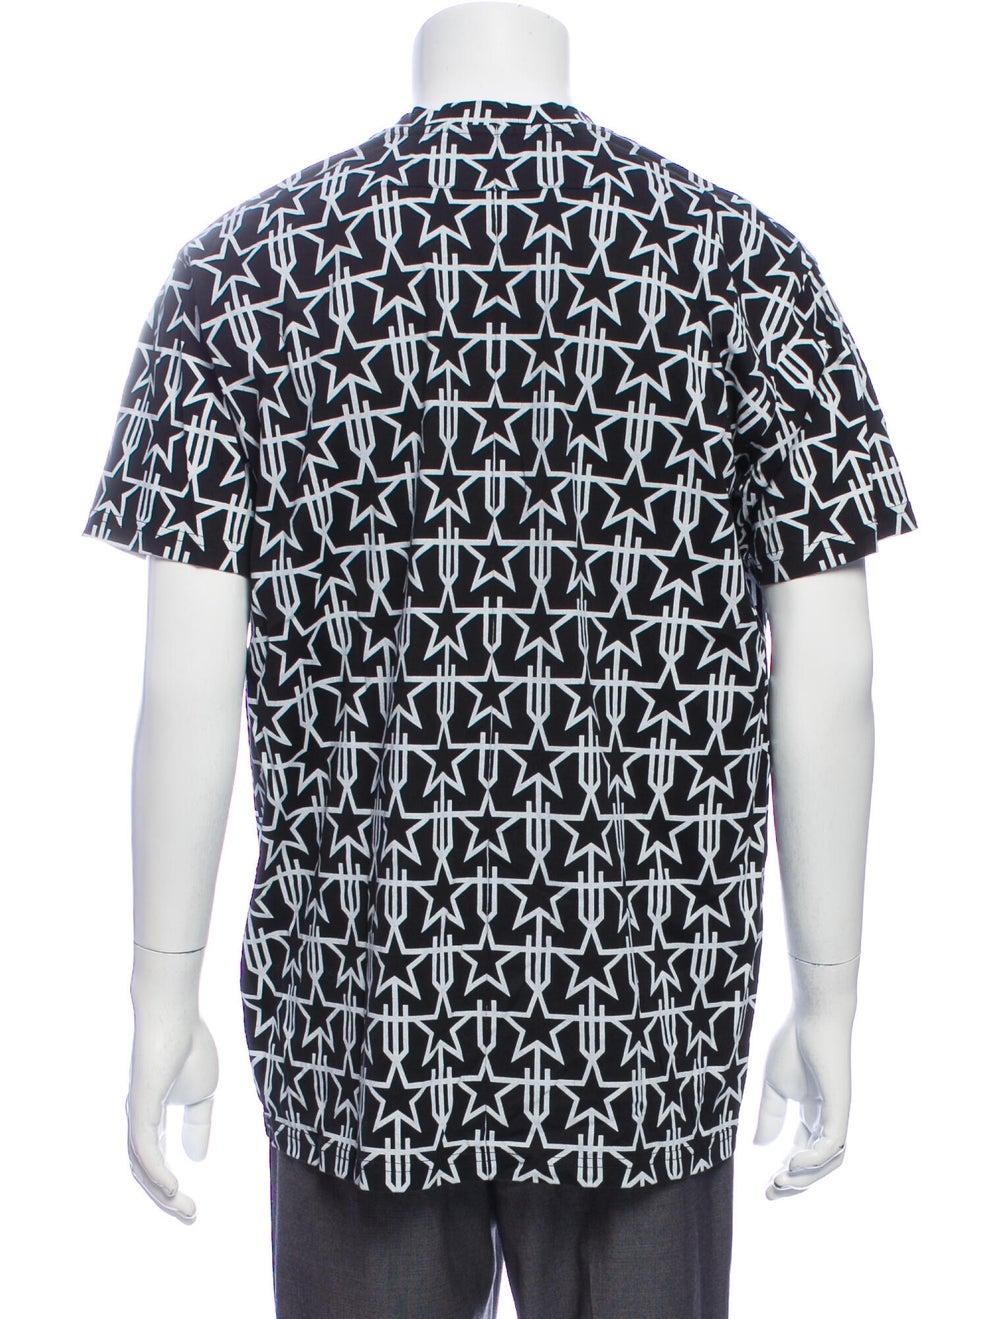 Givenchy 2016 Printed T-Shirt Black - image 3